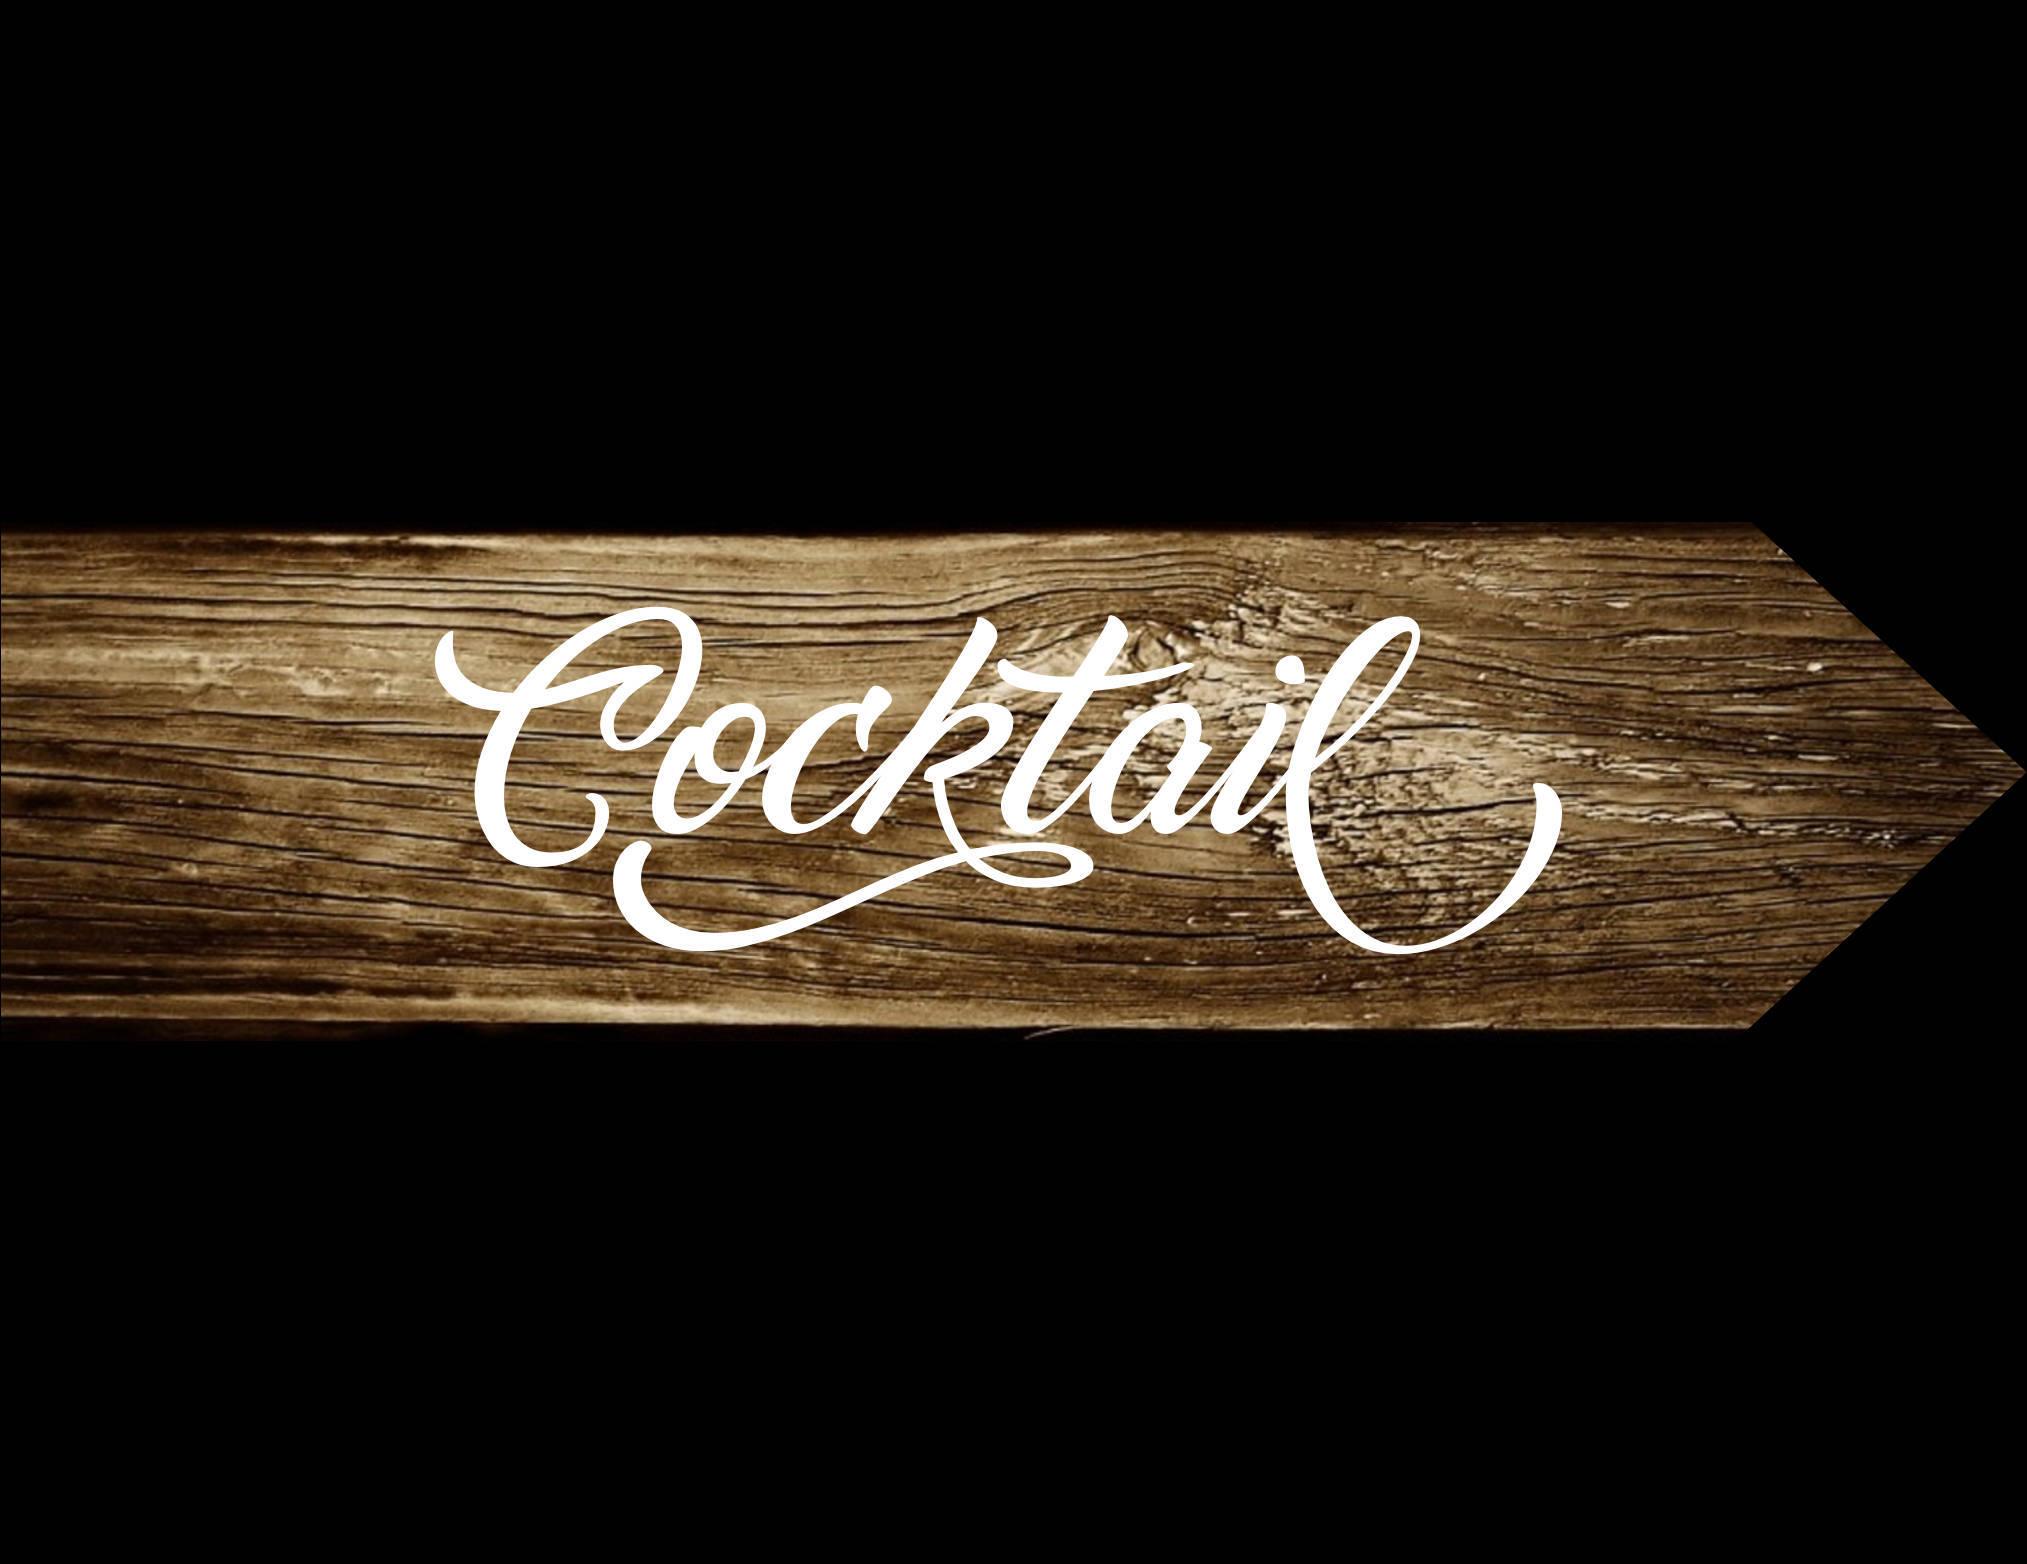 Pancarte Cocktail, panneau directionnel en bois, pancarte flèche, peint à la main